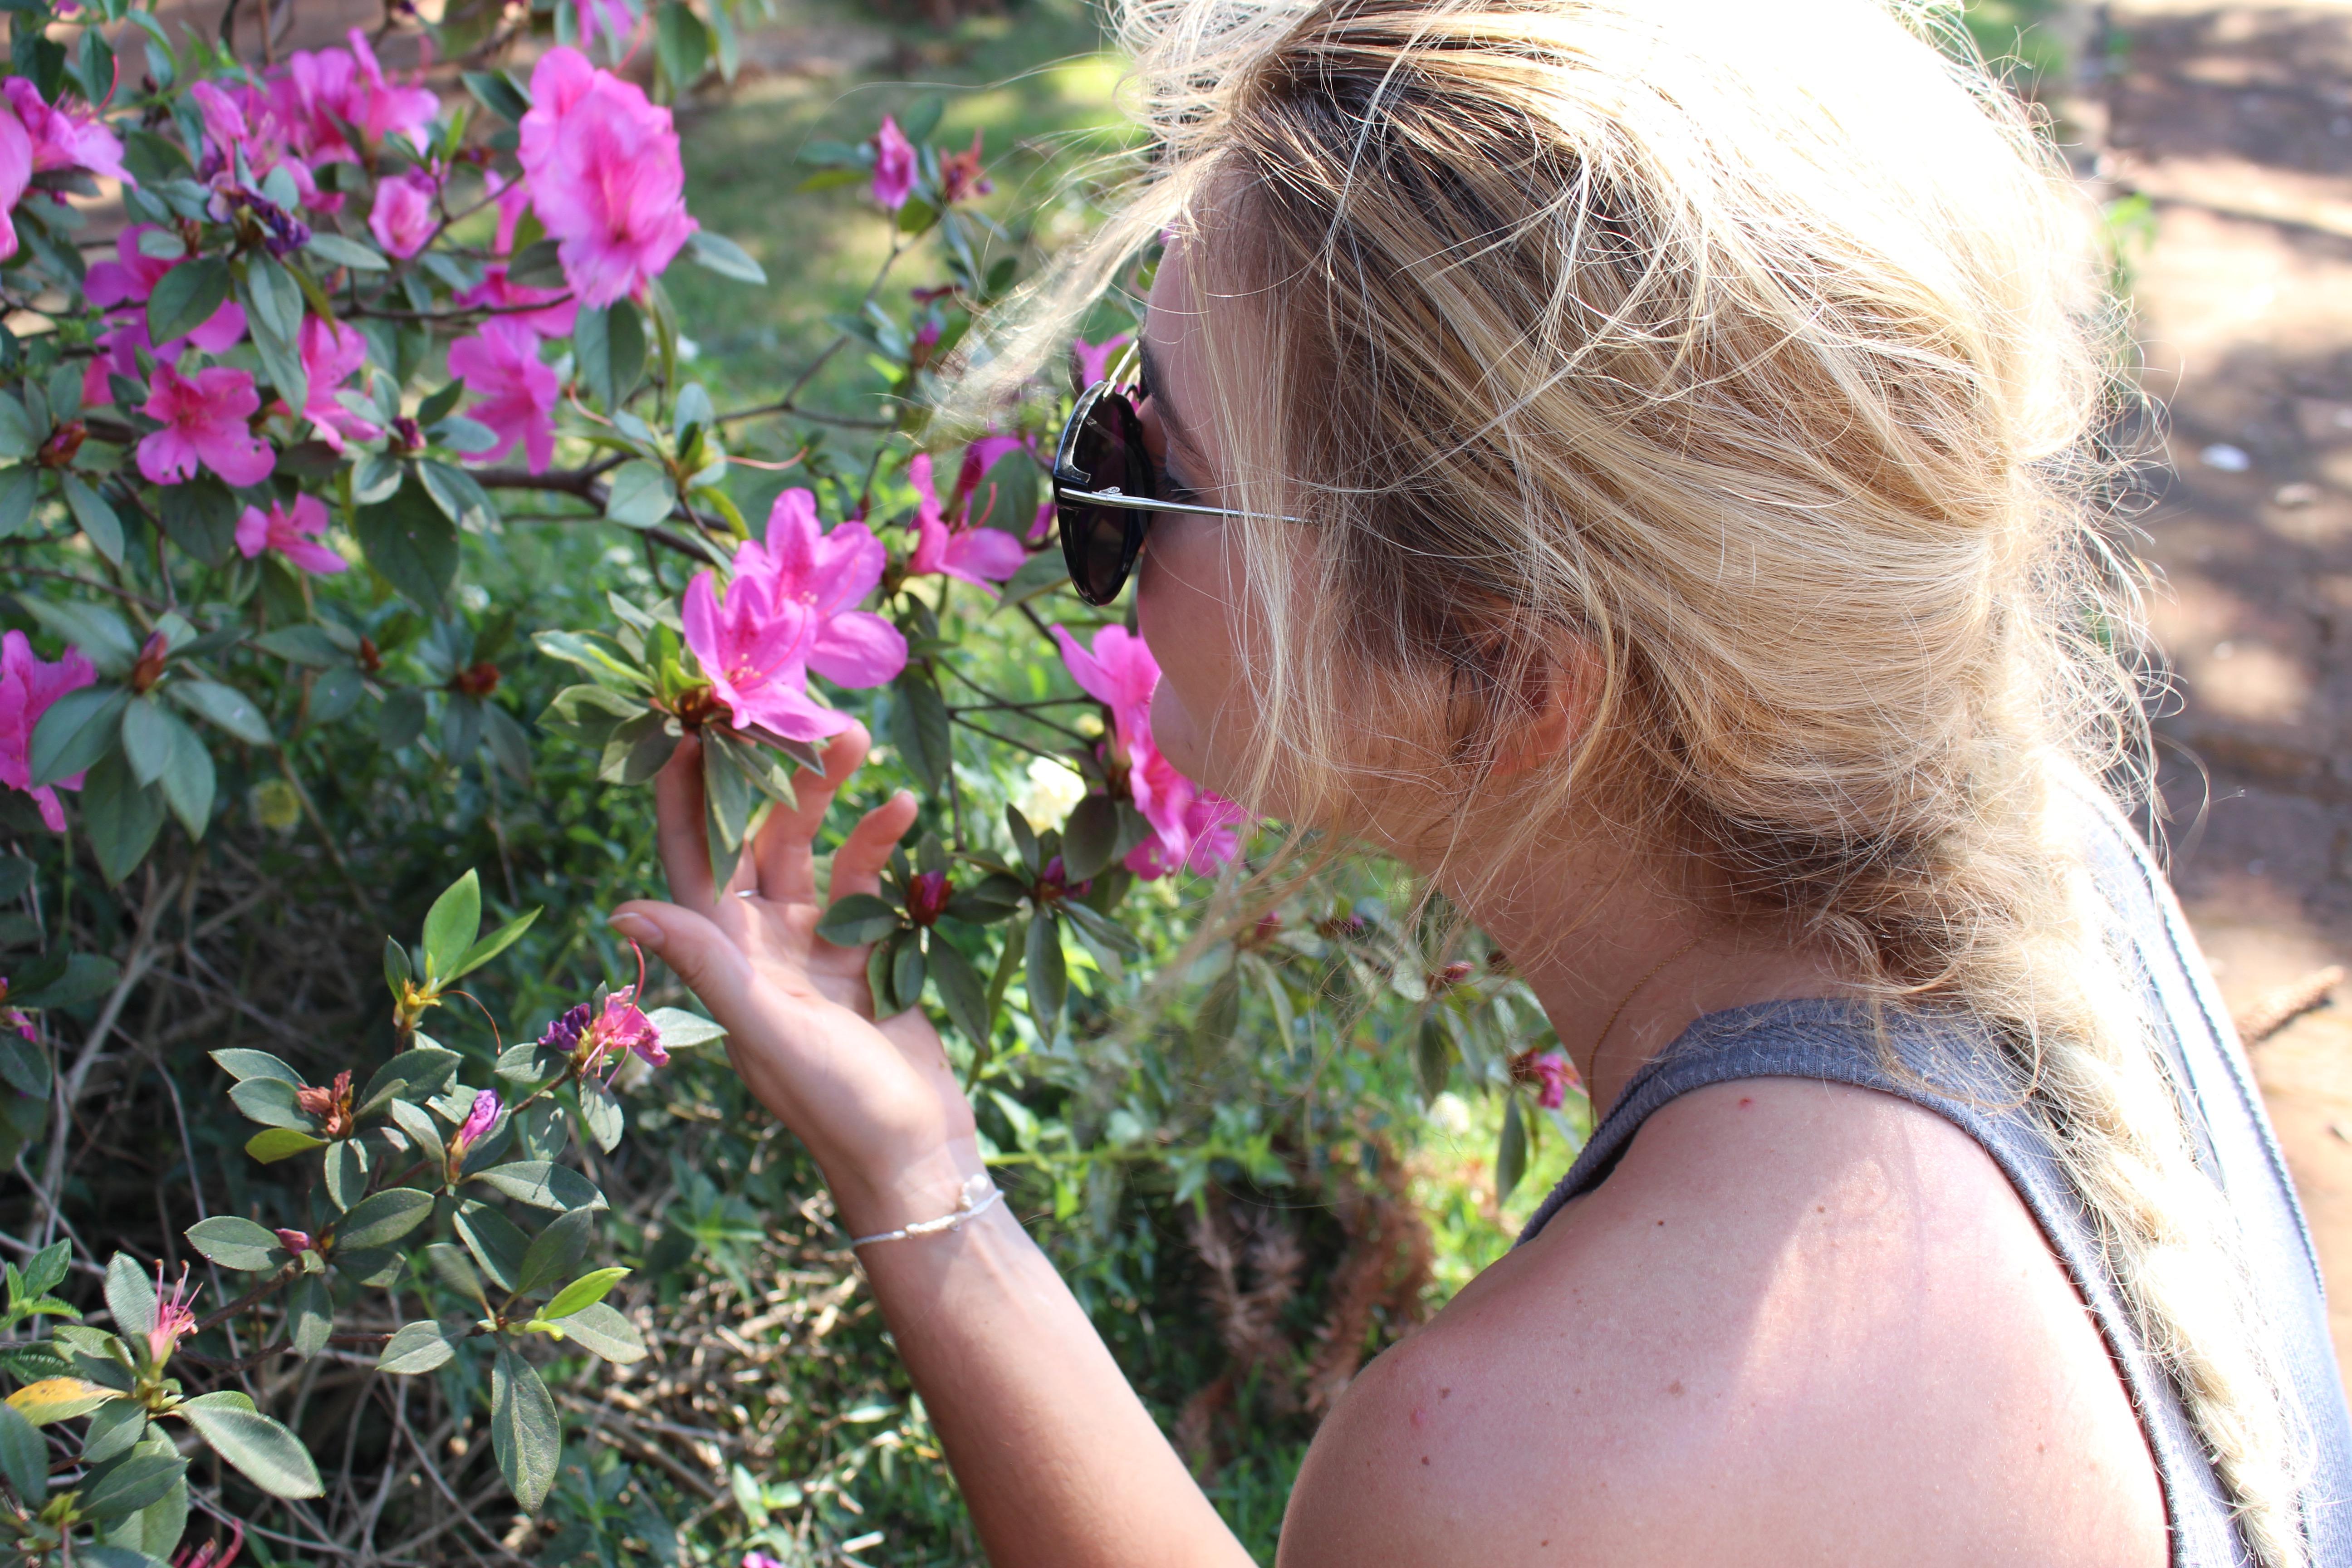 Renay Cormier in Brazil smelling flowers